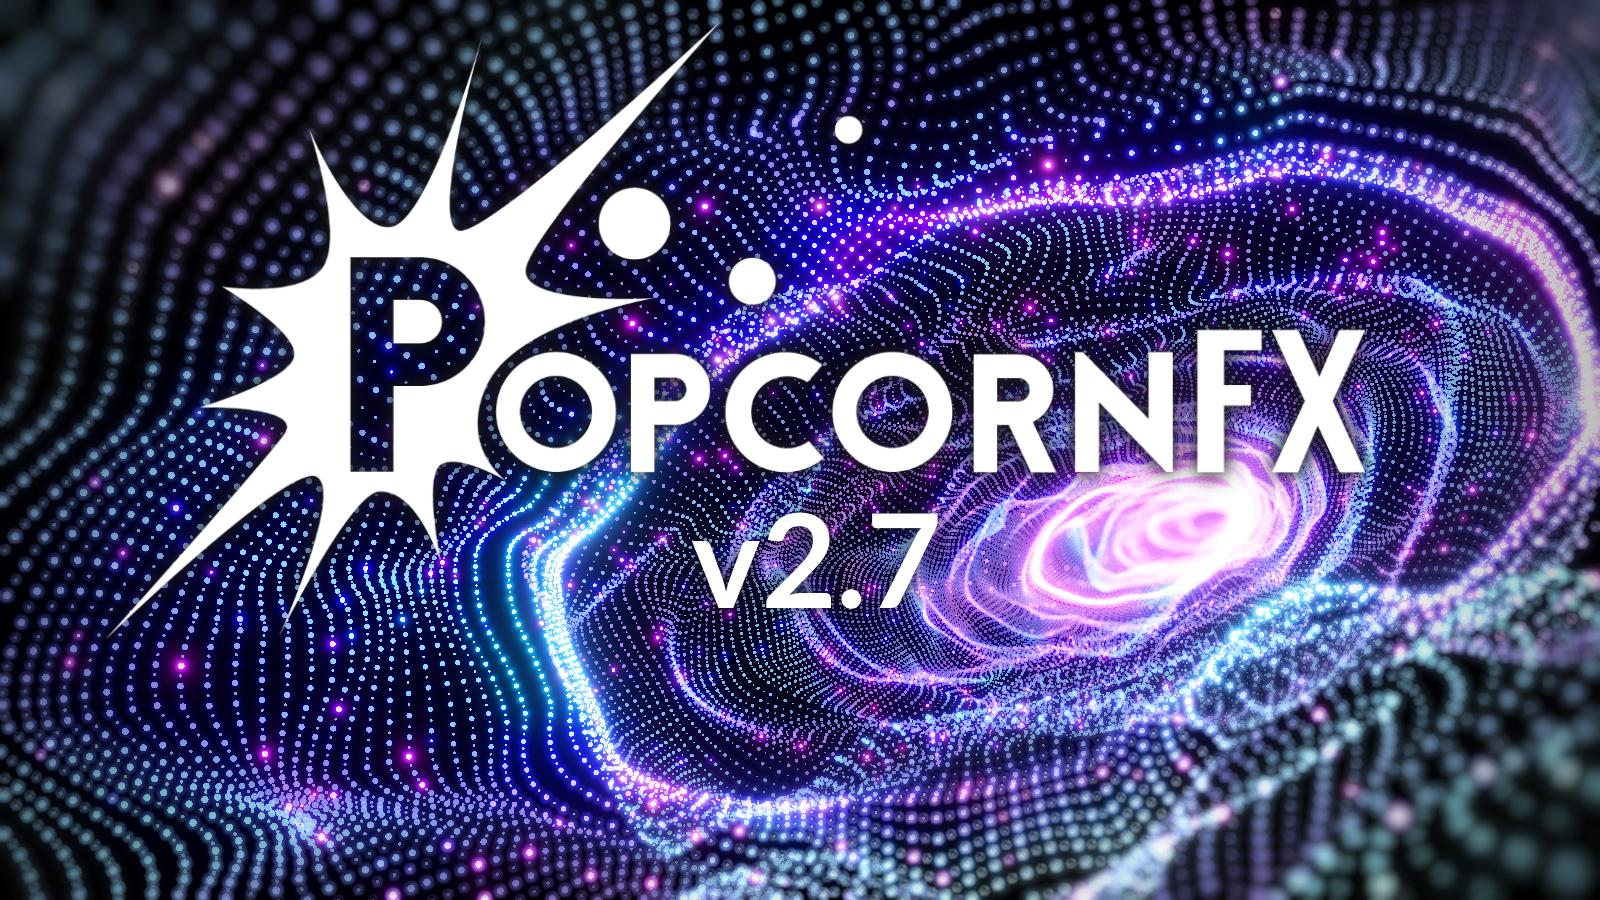 PopcornFX v2.7